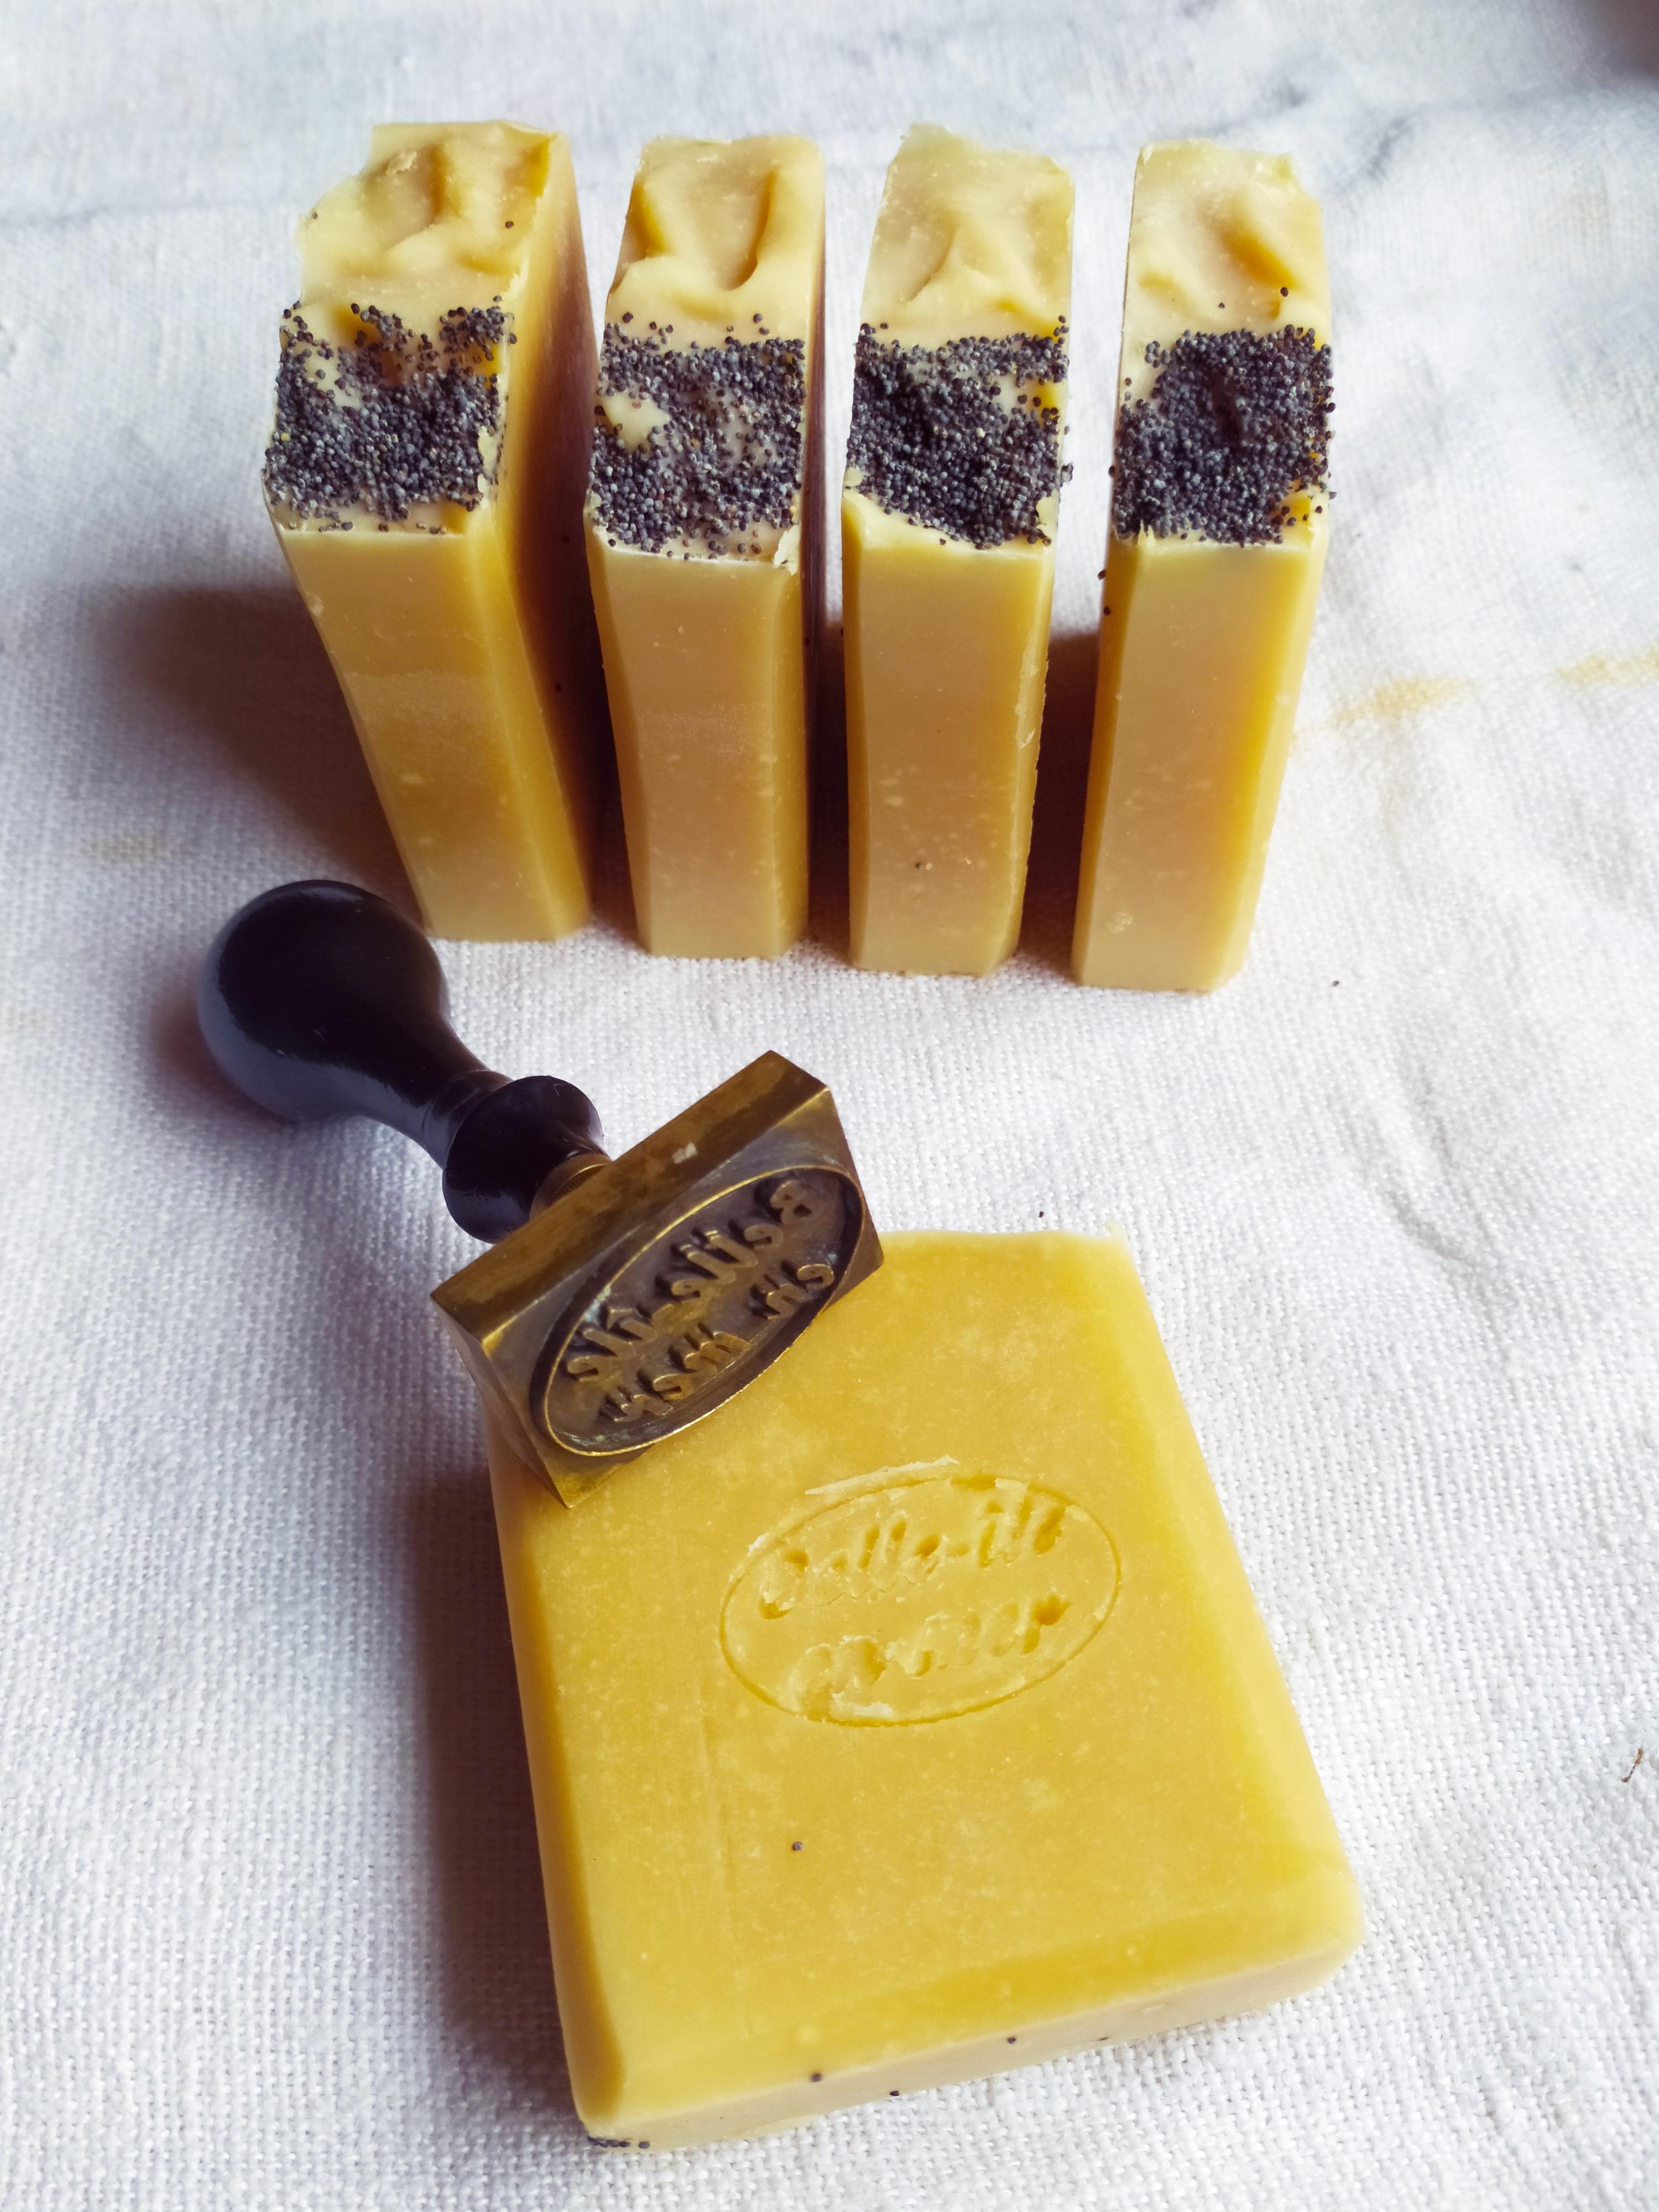 savon miel savon naturel savonnerie bret